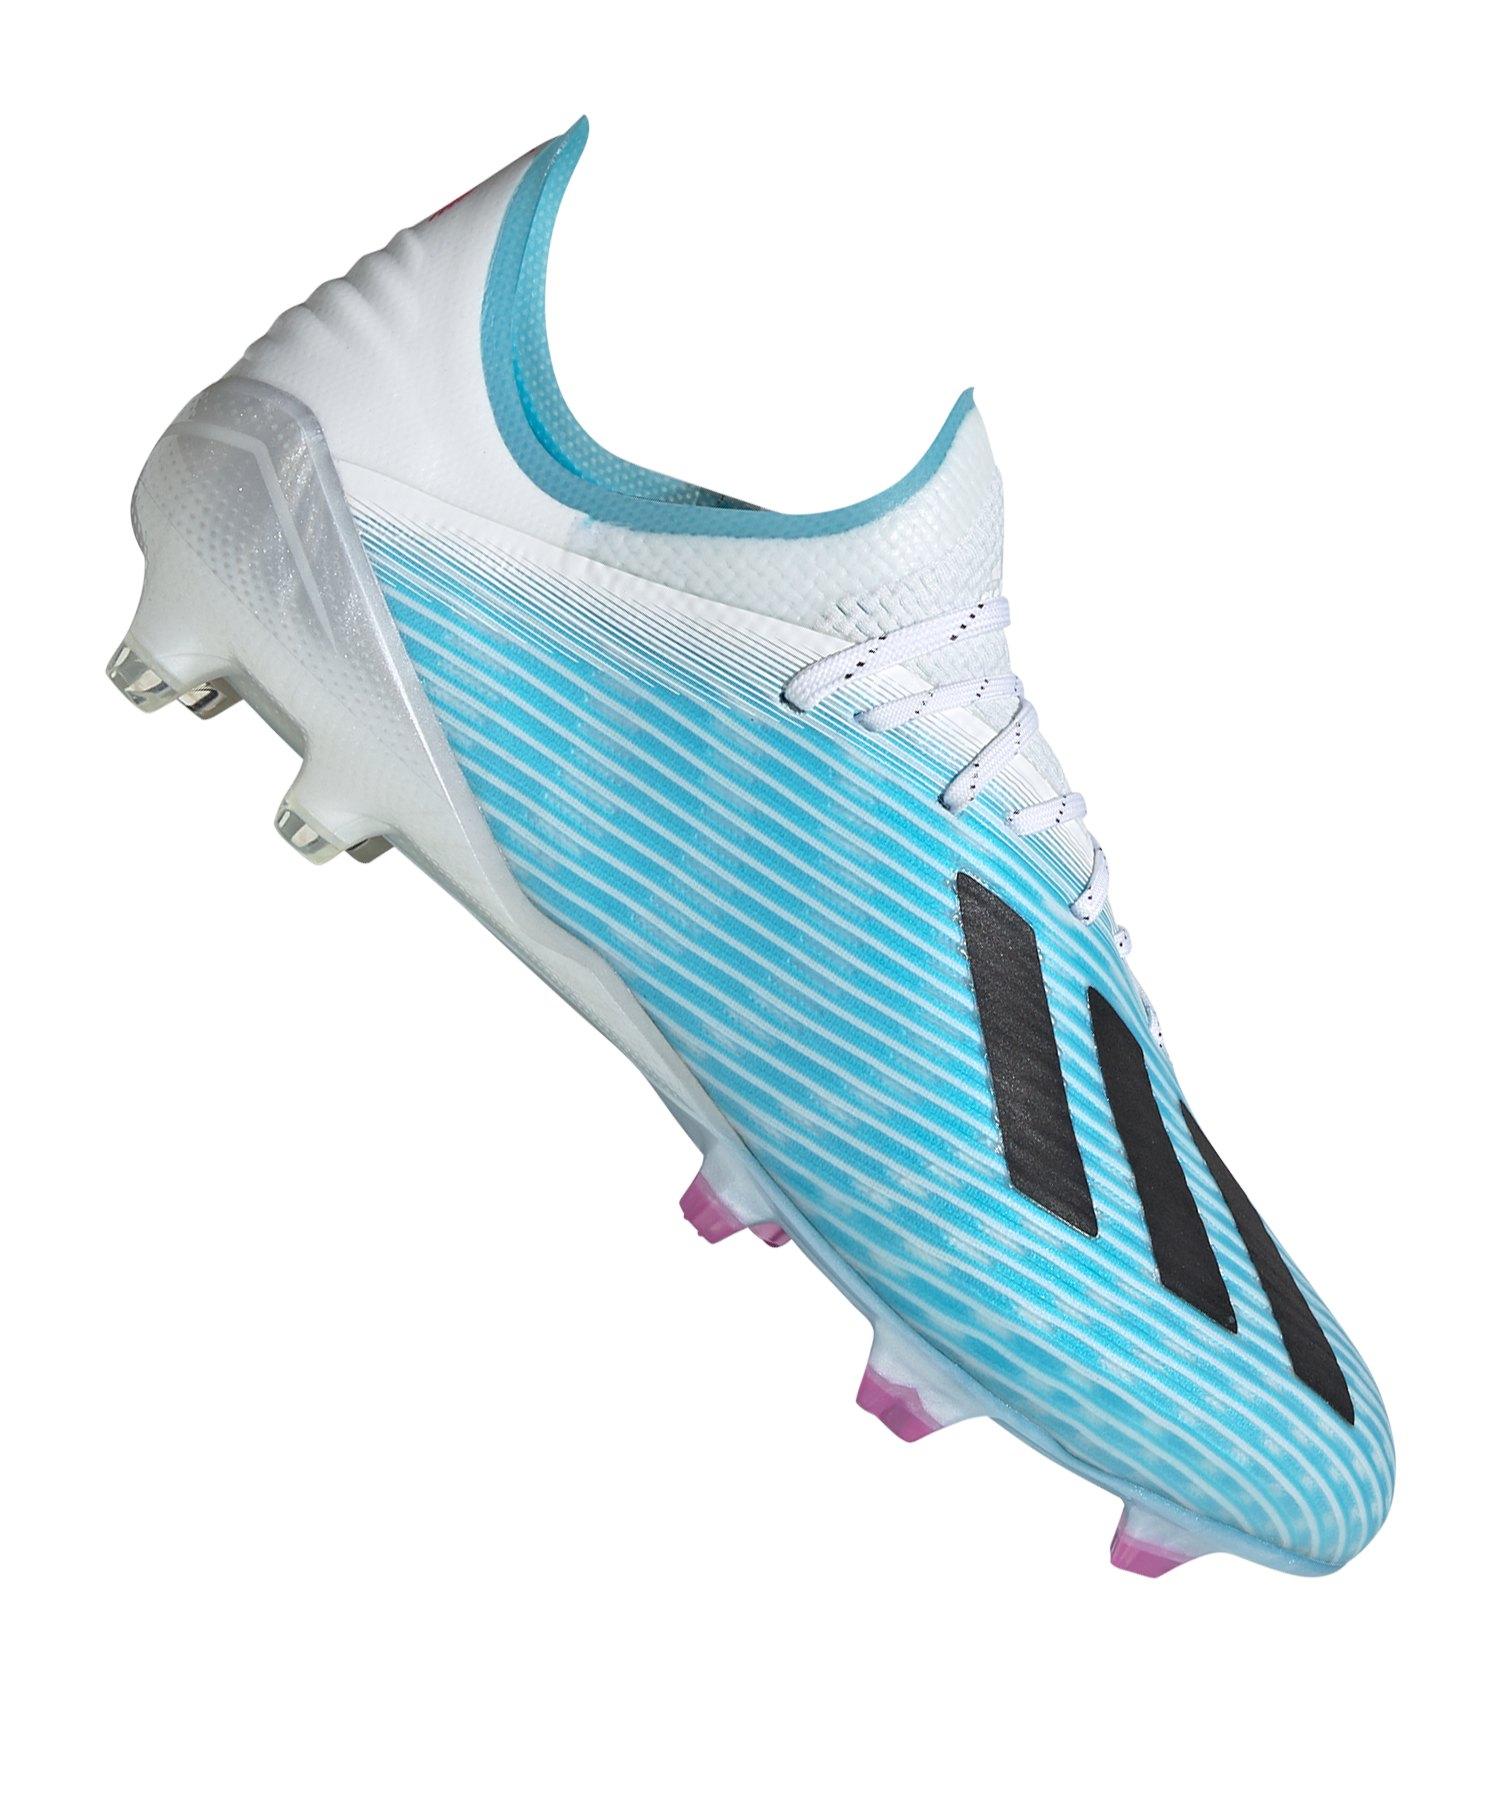 adidas X 19.1 FG Blau Weiss Schwarz - blau